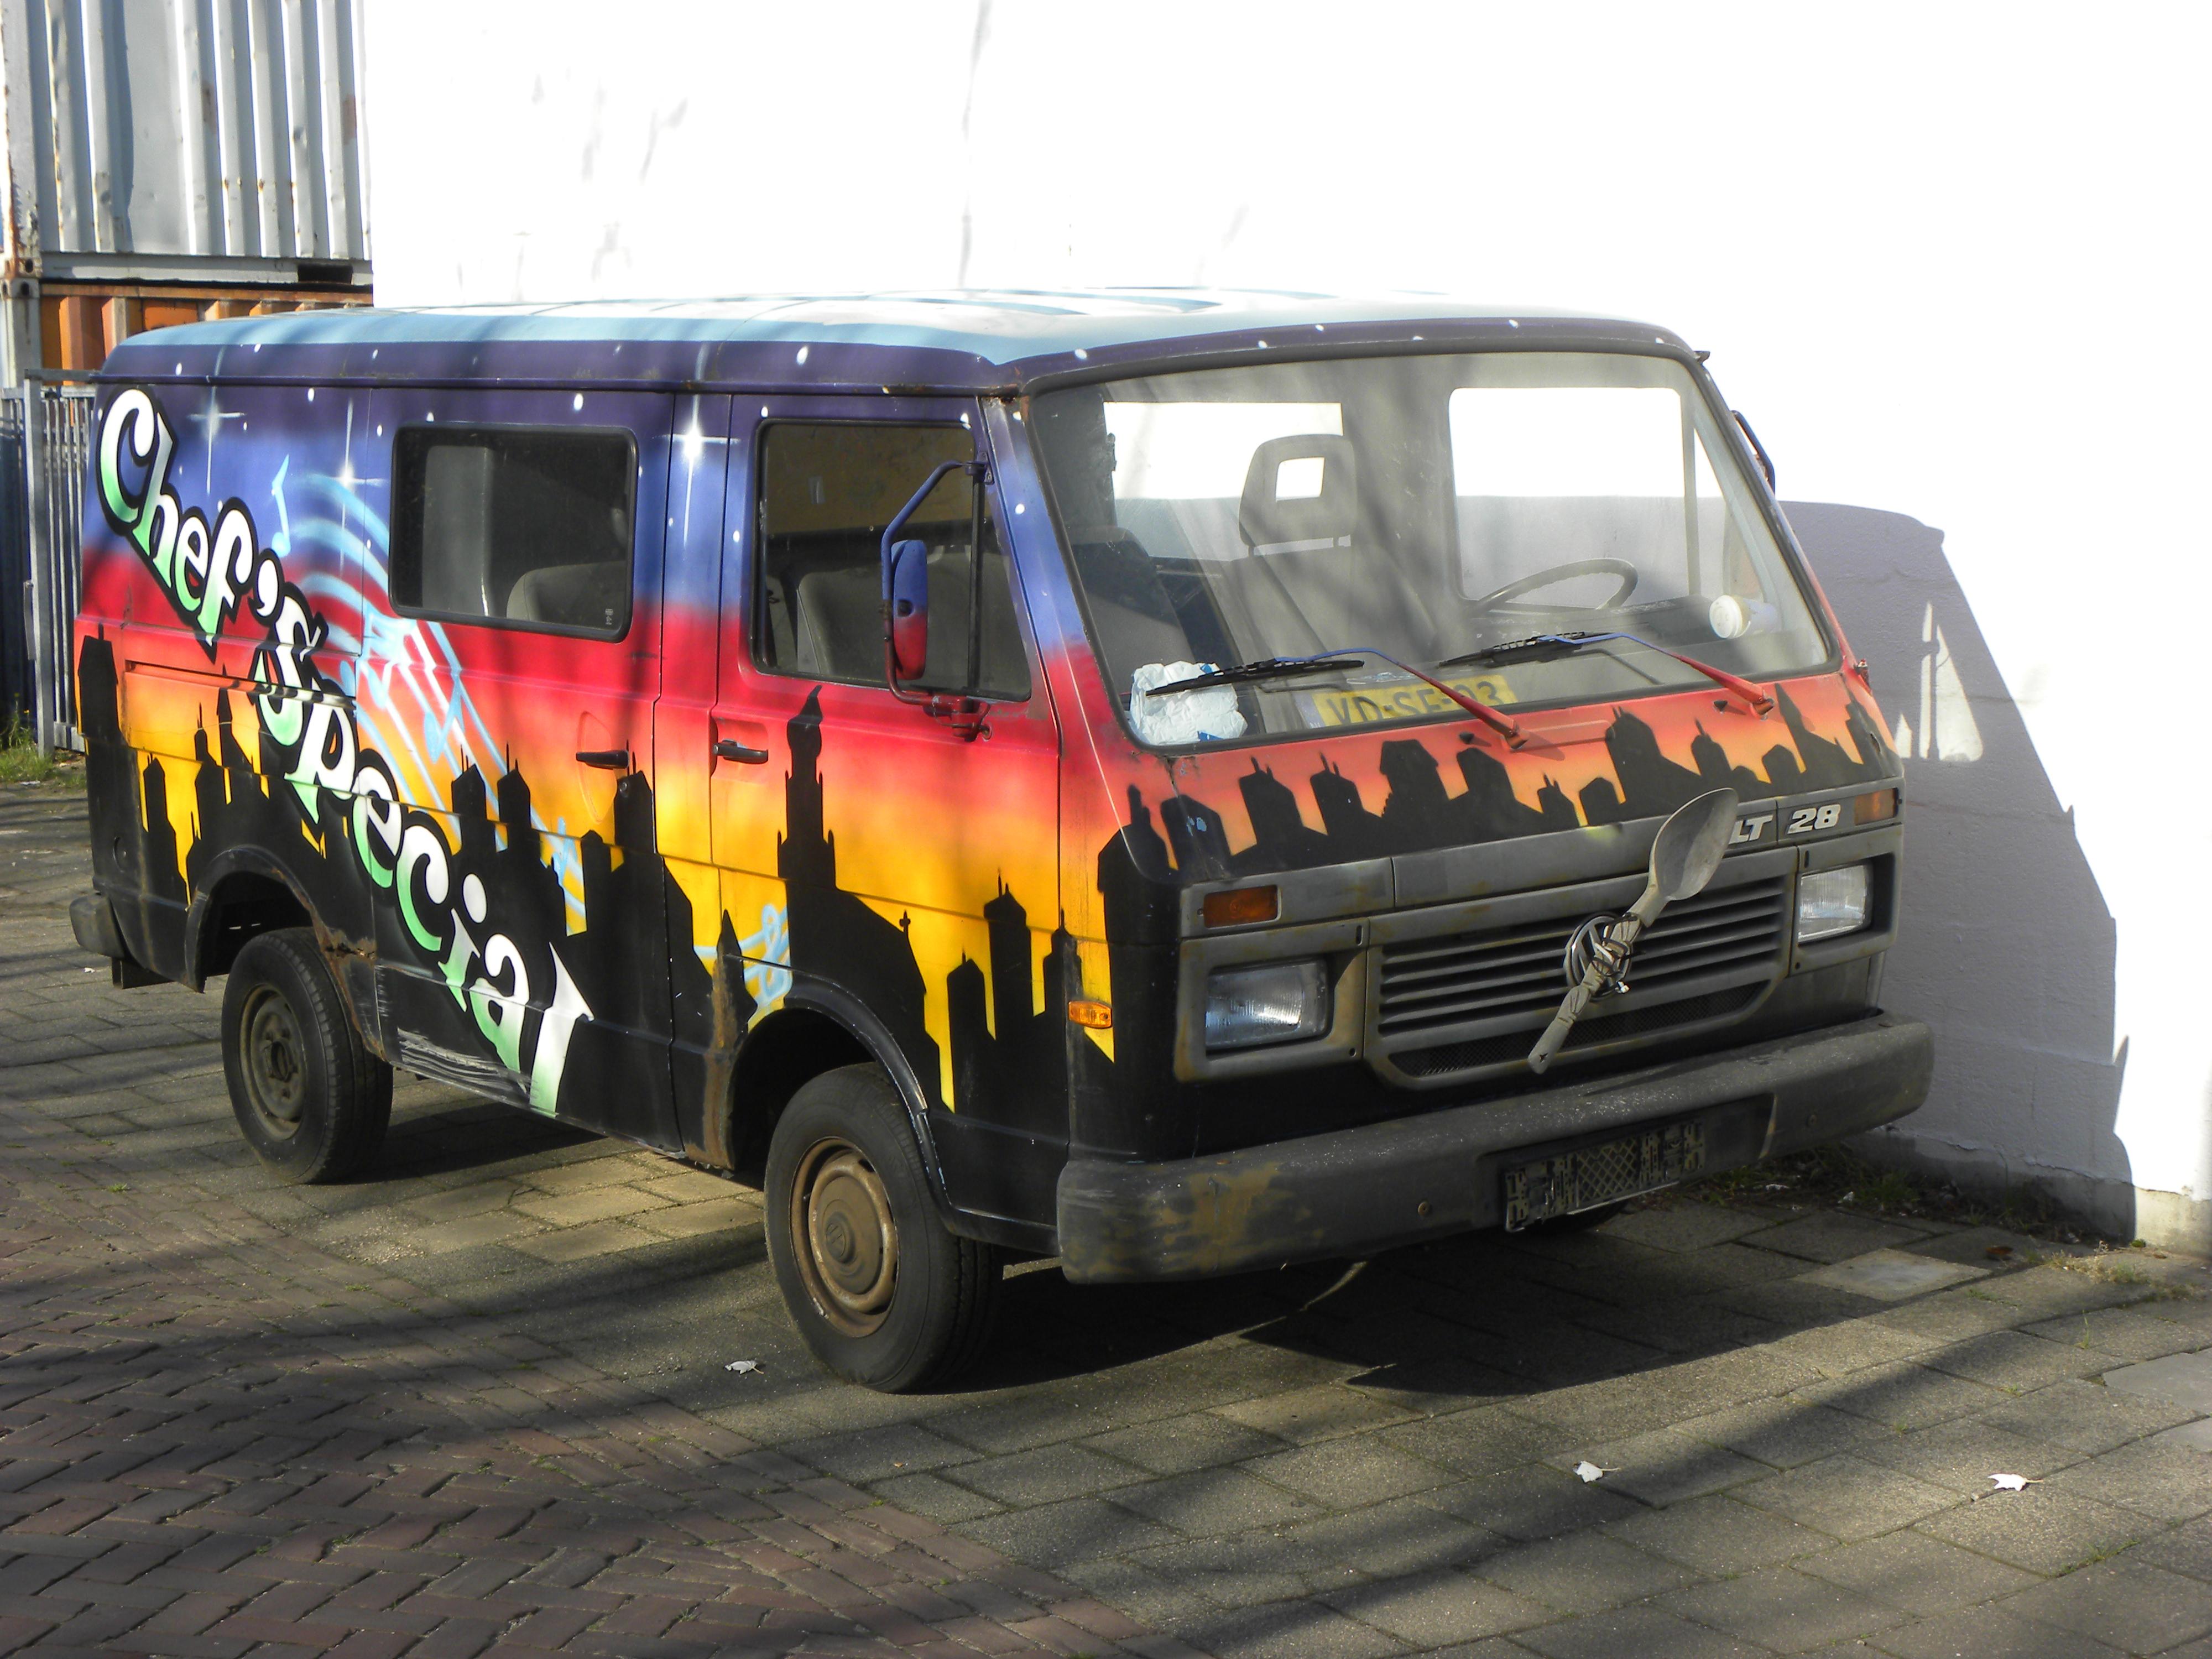 FileVolkswagen LT 28  Flickr  Joost J Bakker IJmuiden